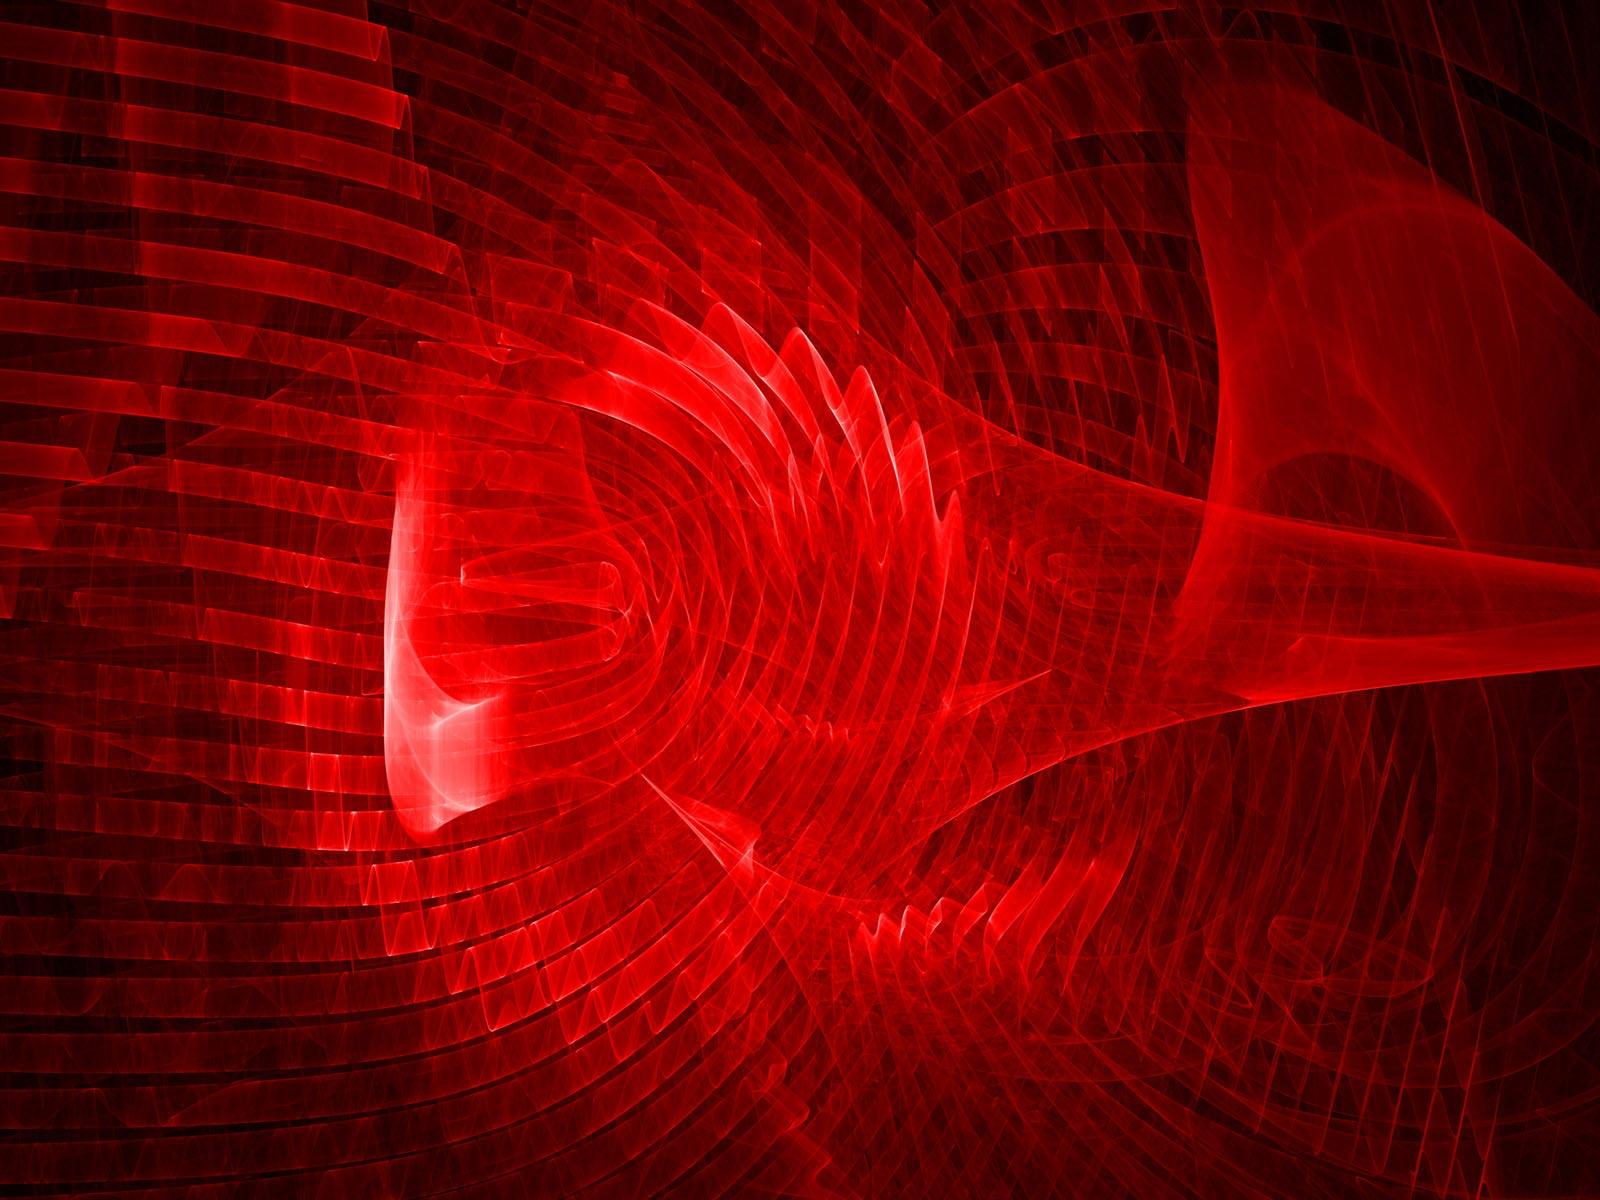 http://3.bp.blogspot.com/-ijXkGpT4T1w/TykzH7LIkZI/AAAAAAAAFto/35QZgEvoNSQ/s1600/Galaxy%2BNexus%2BMobile%2BWallpaper.jpg